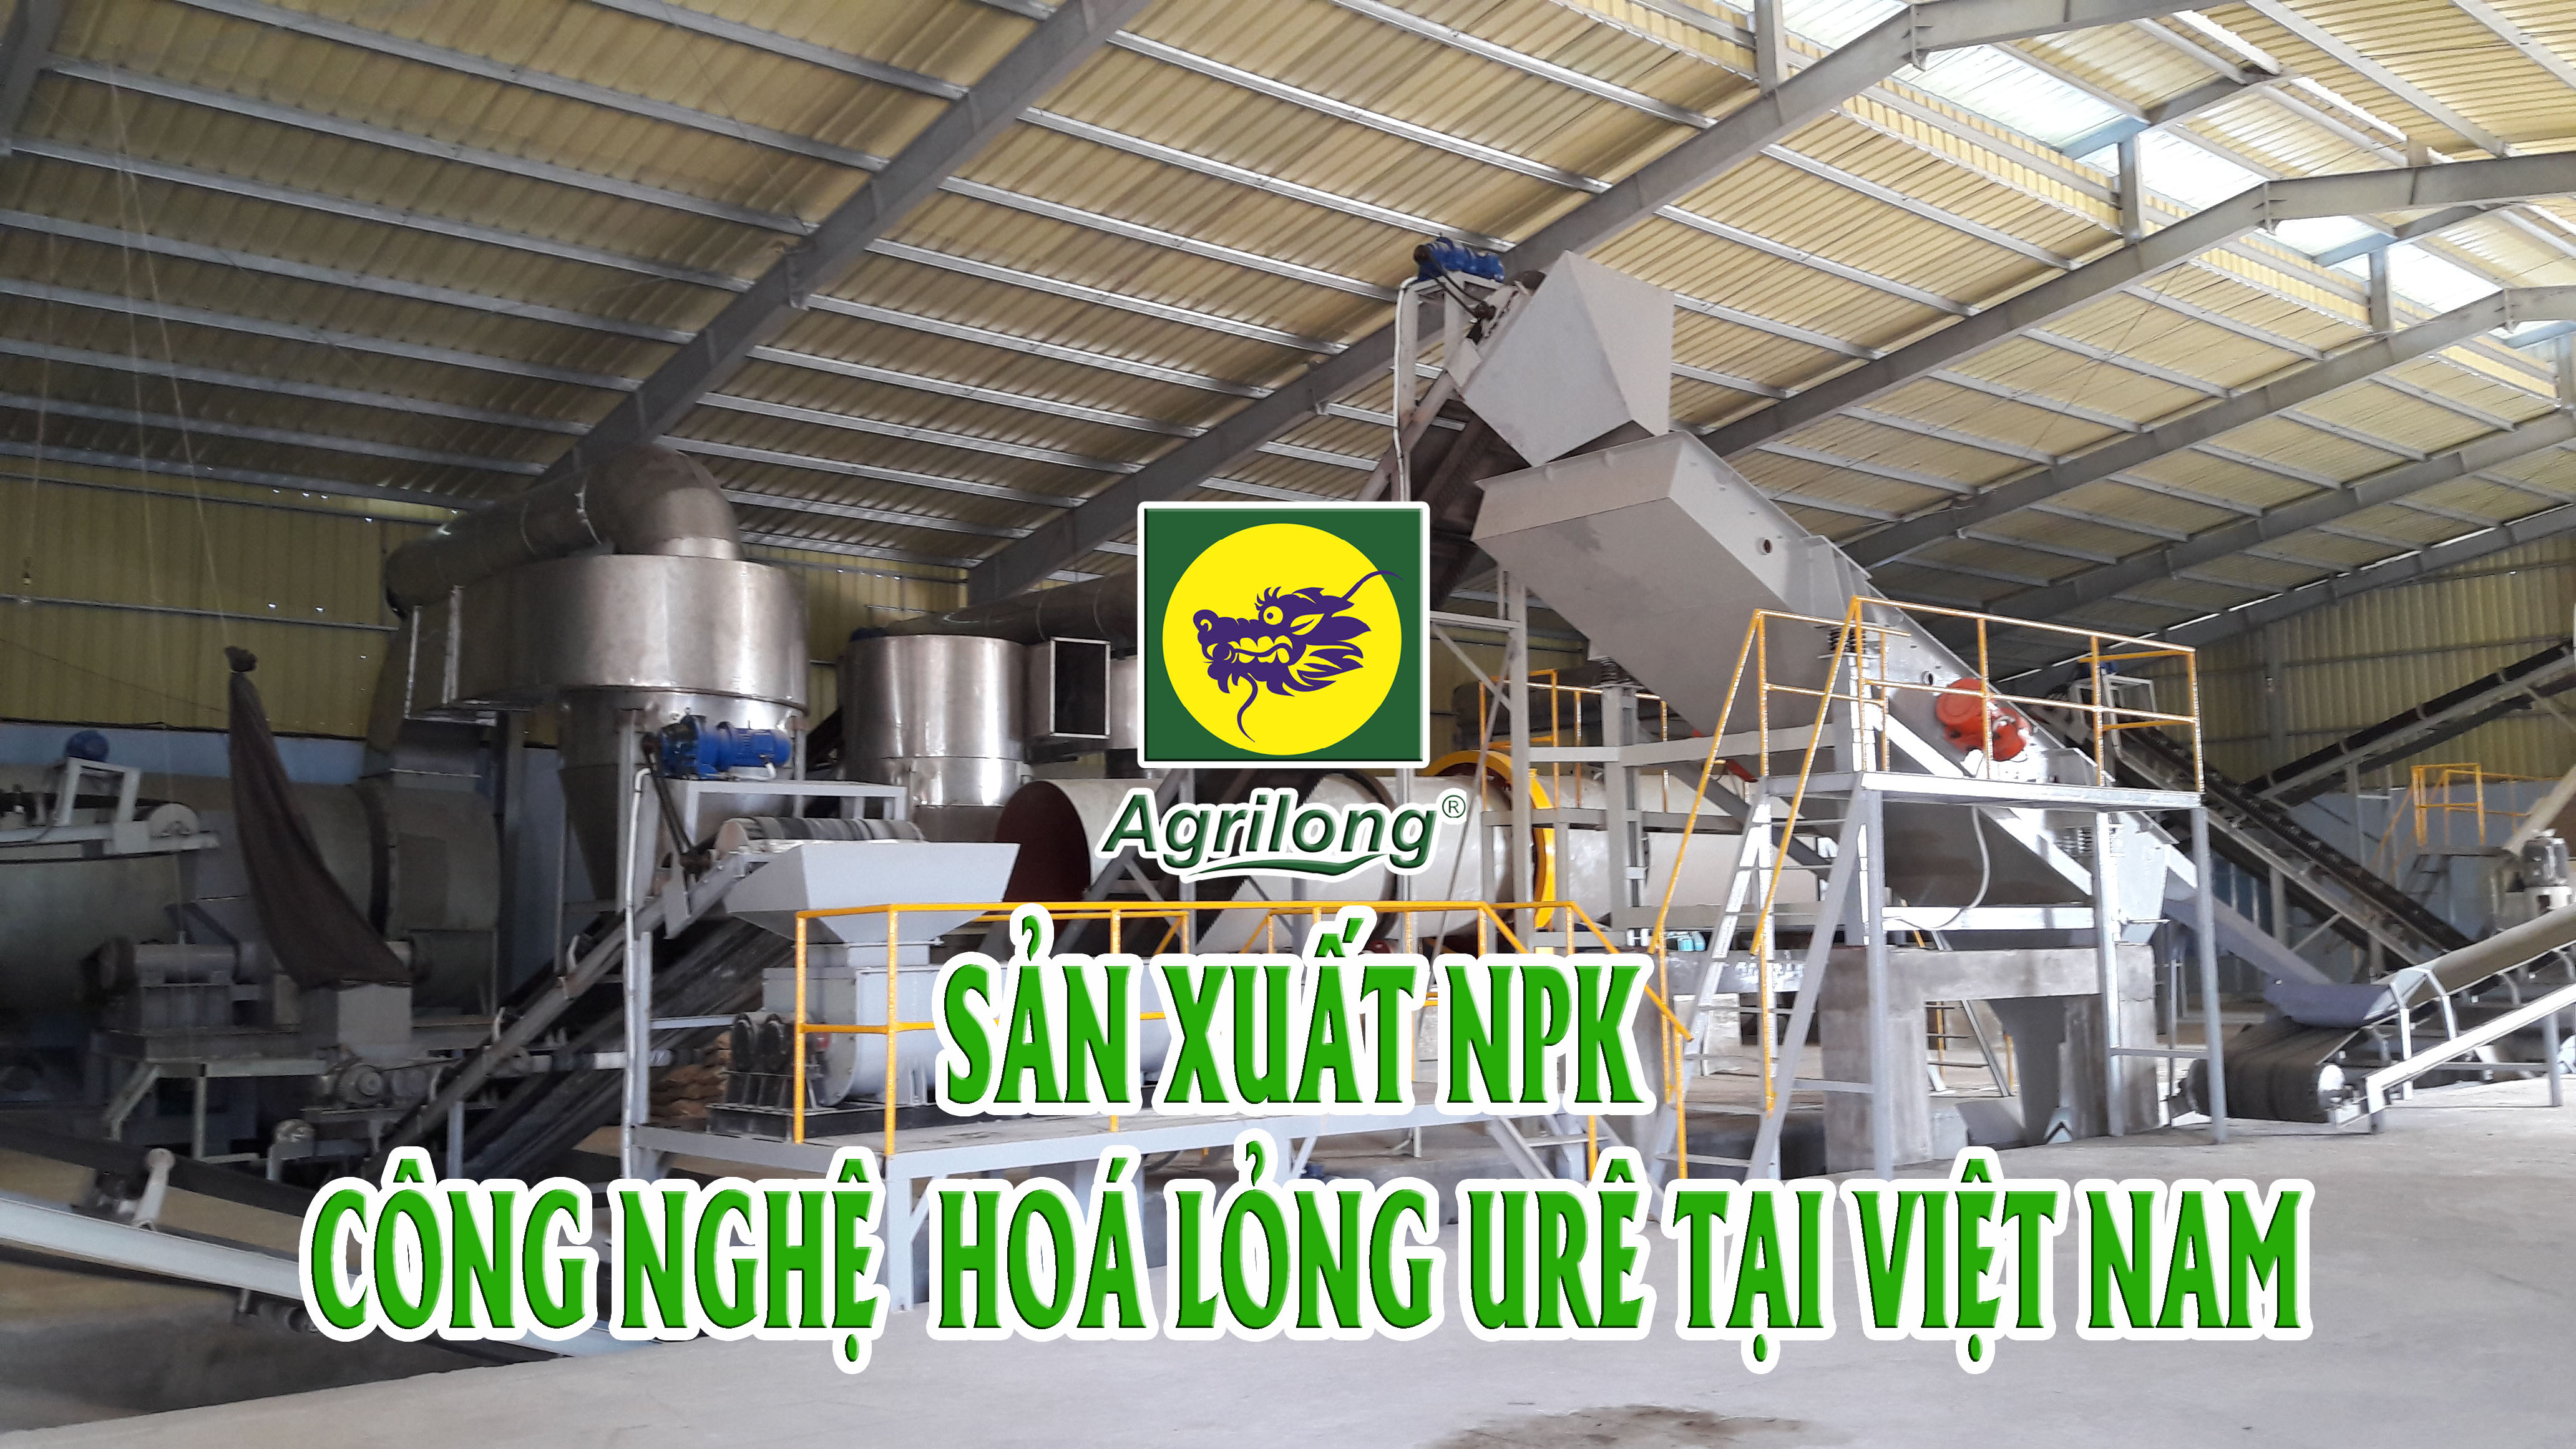 CN_URE_HOA_LONG_AGRILONG